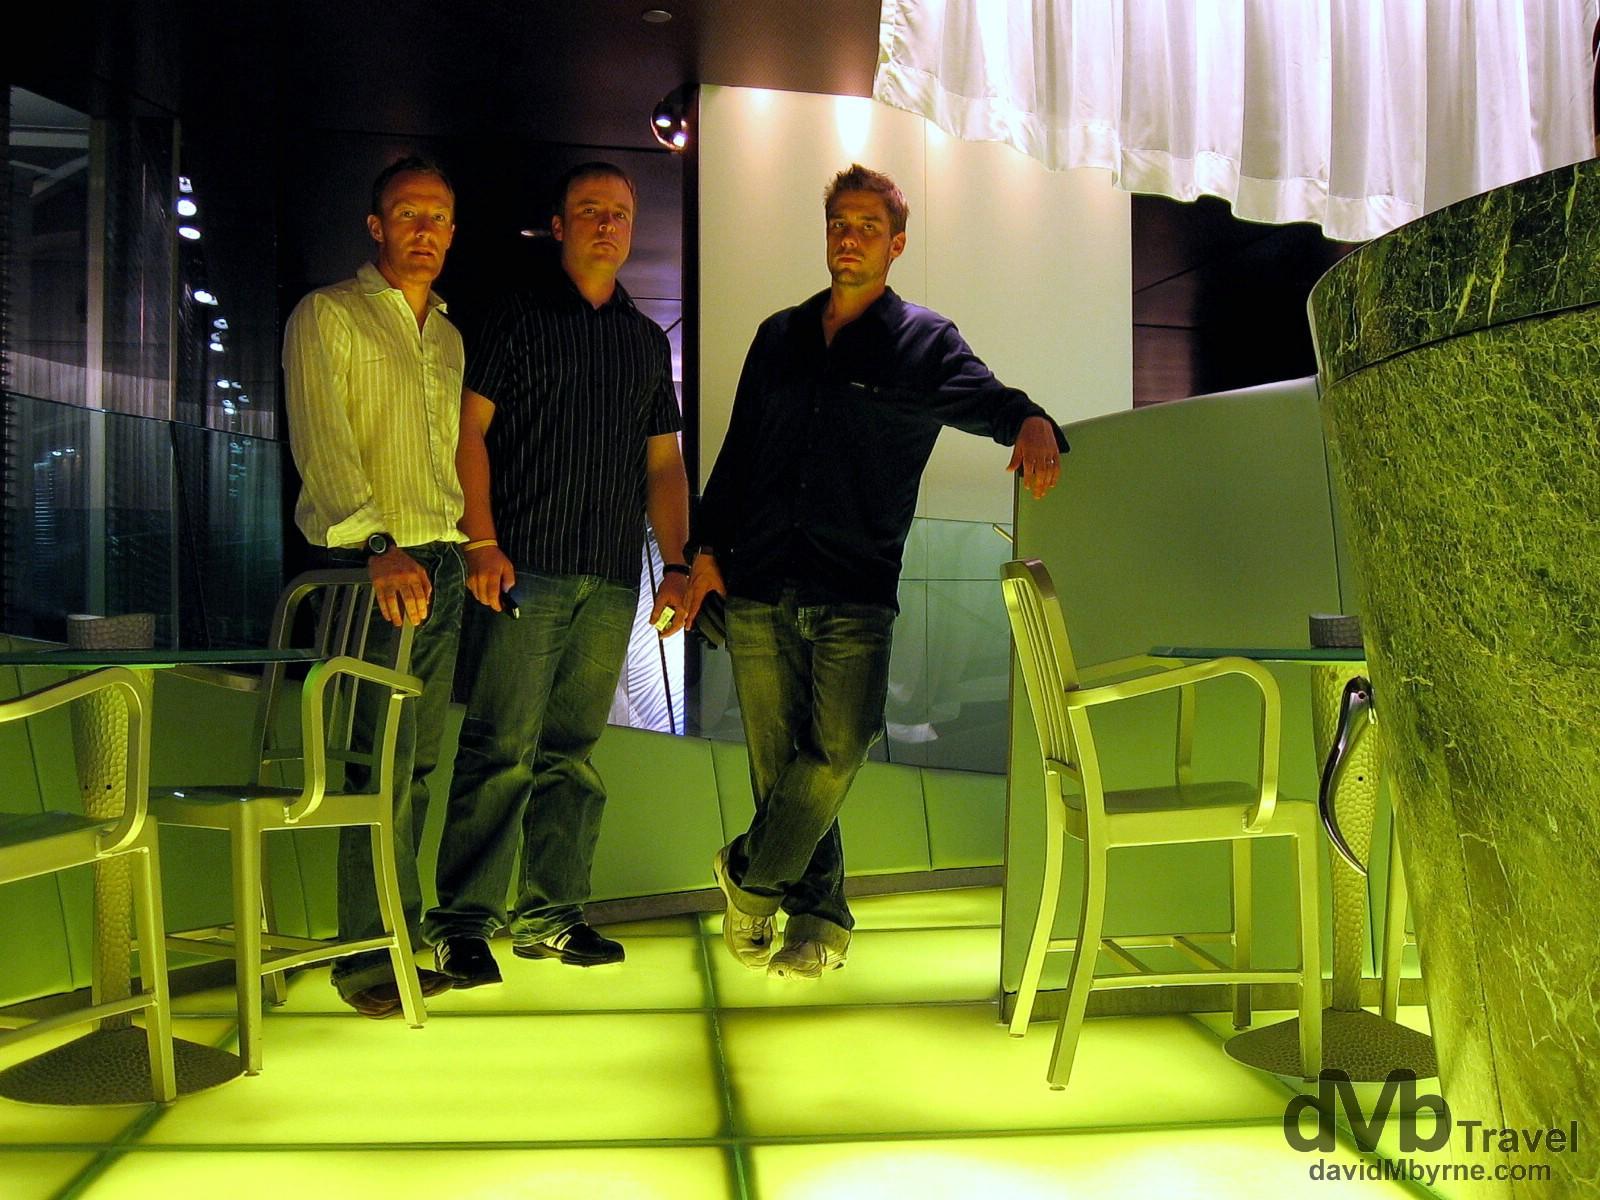 The Felix Bar, Peninsula Hotel, Kowloon, Hong Kong, China. August 28, 2005.